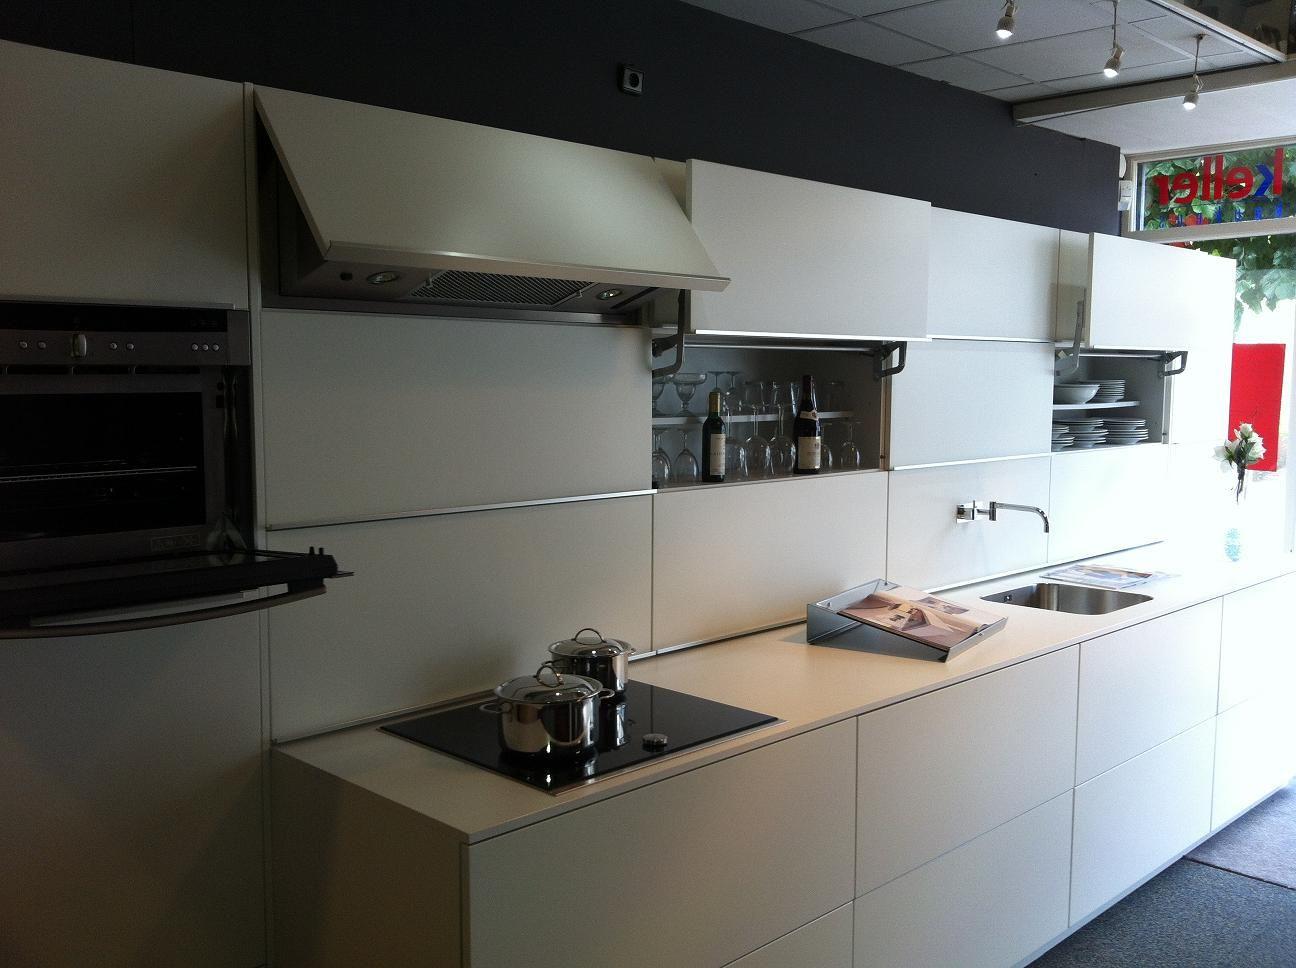 Leicht Keuken Met Betonnen Fronten : ... uit Nederland keukens voor ...